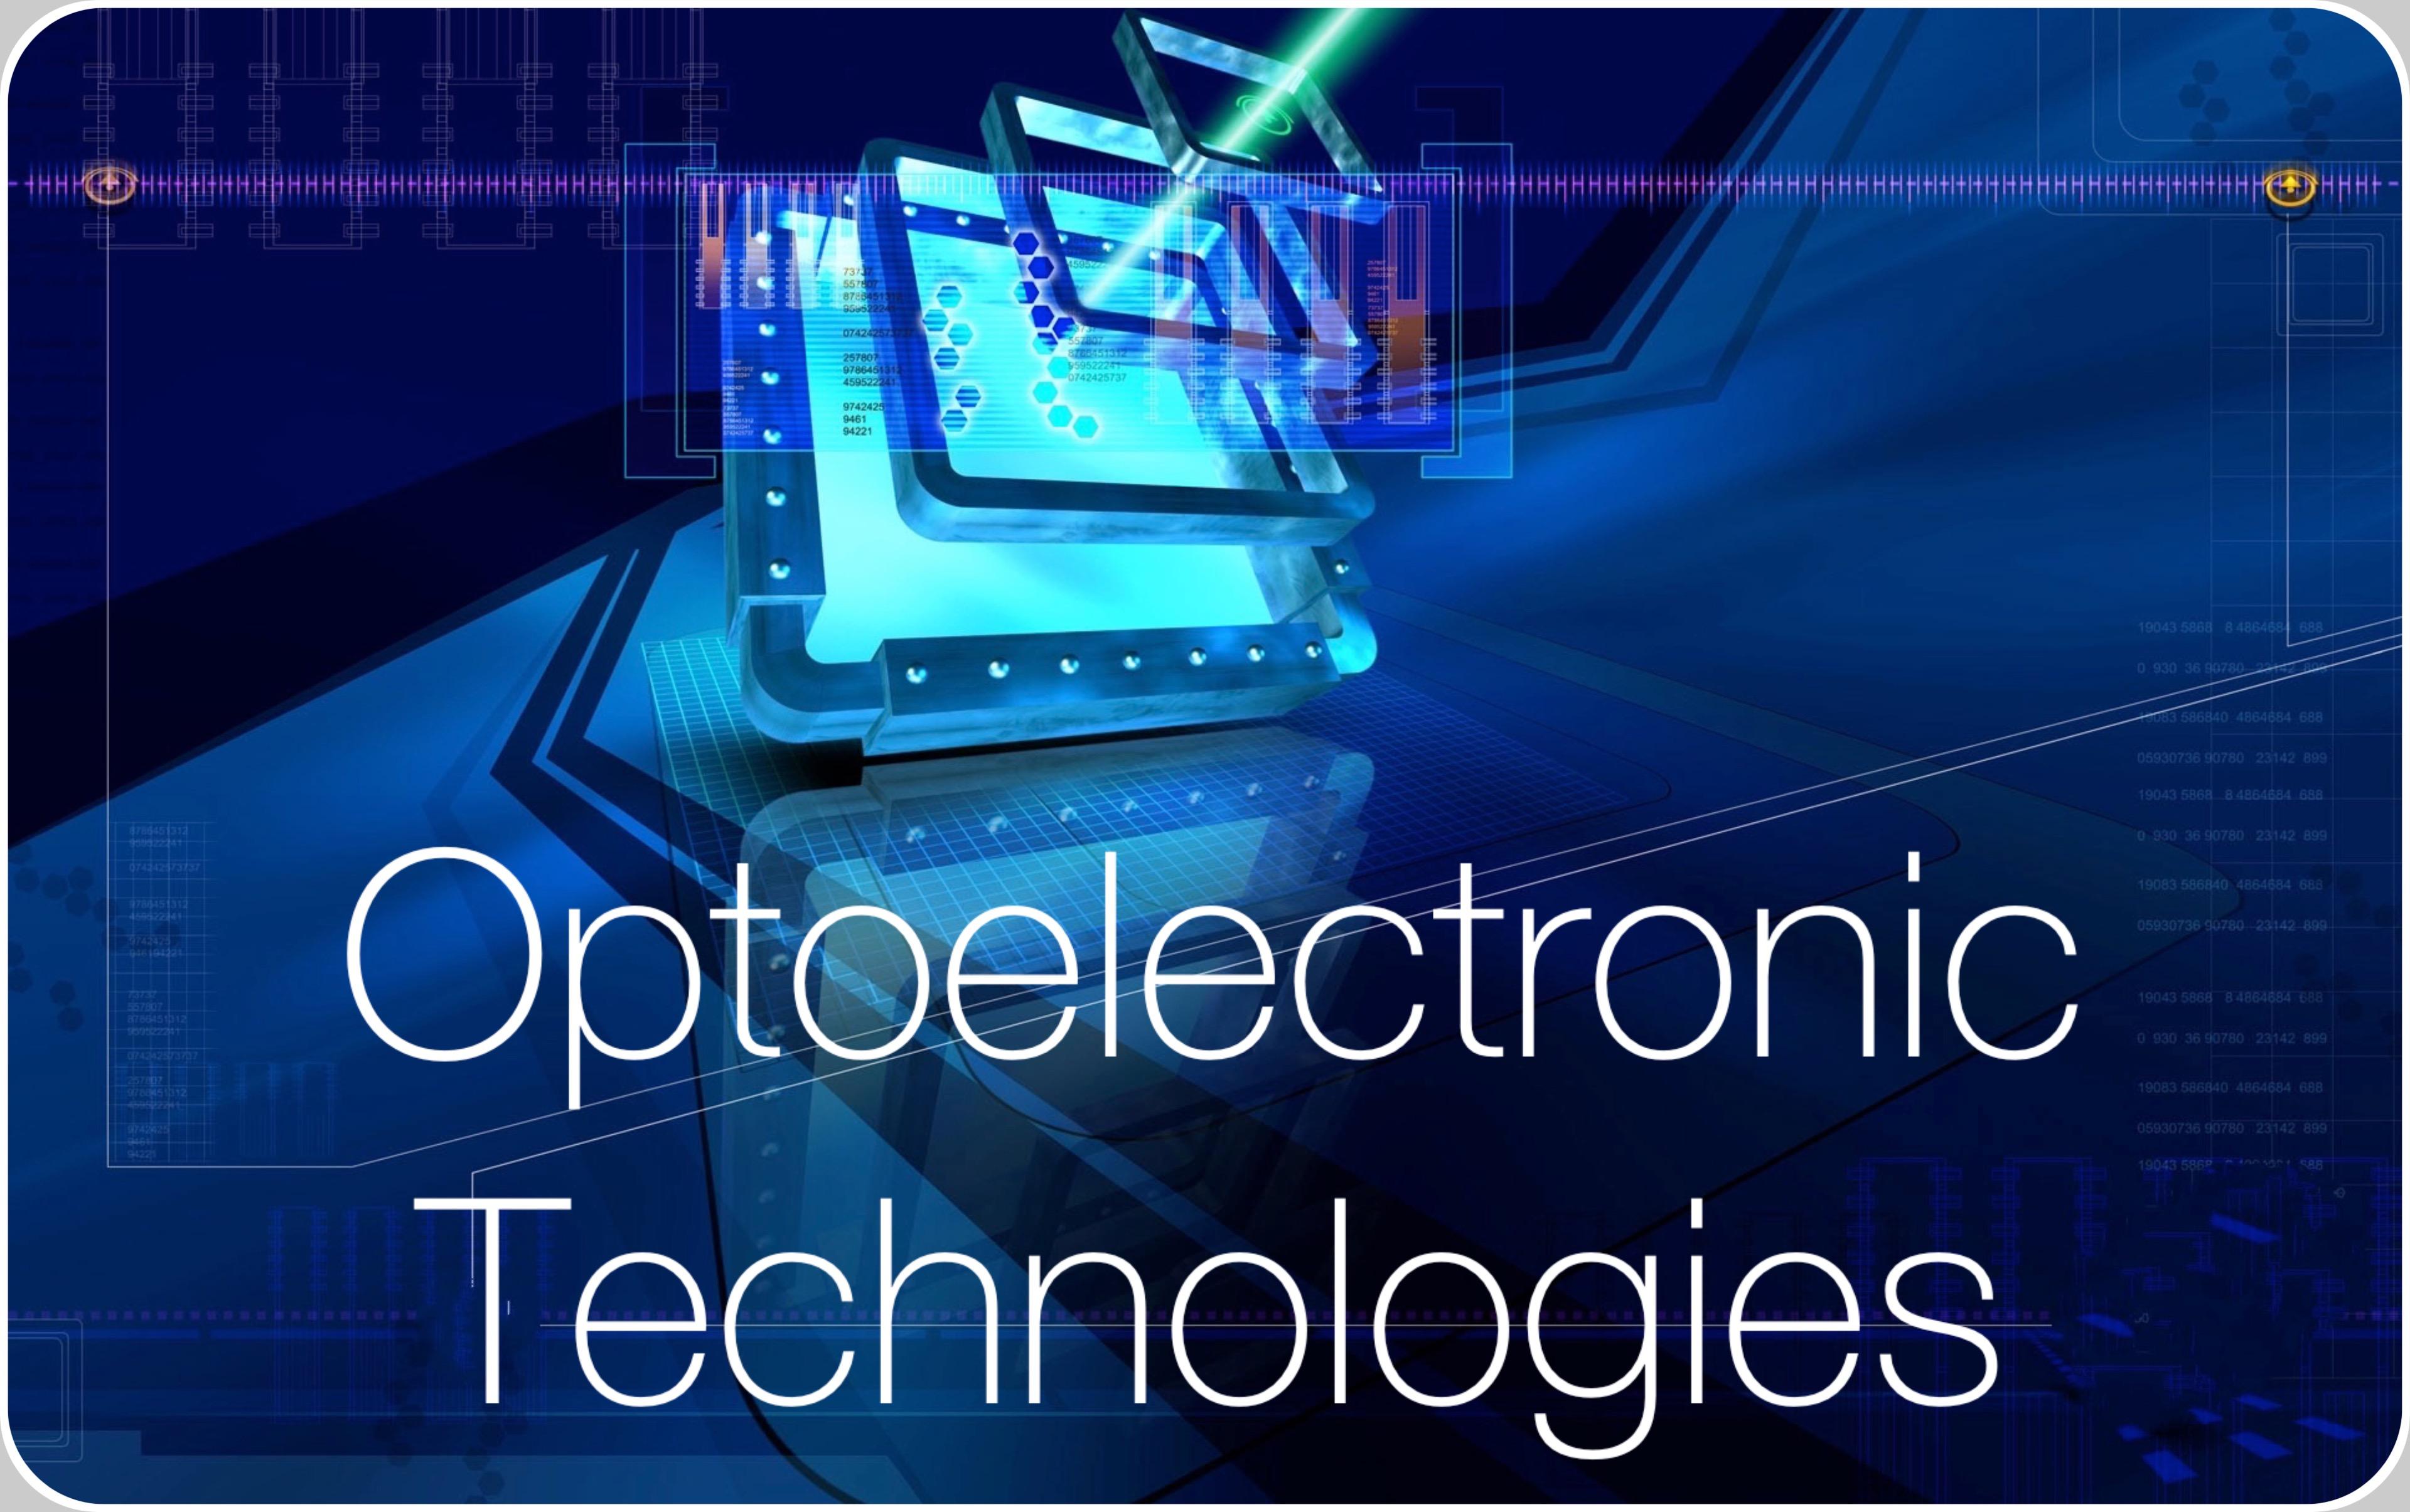 optoelectronic_technologies